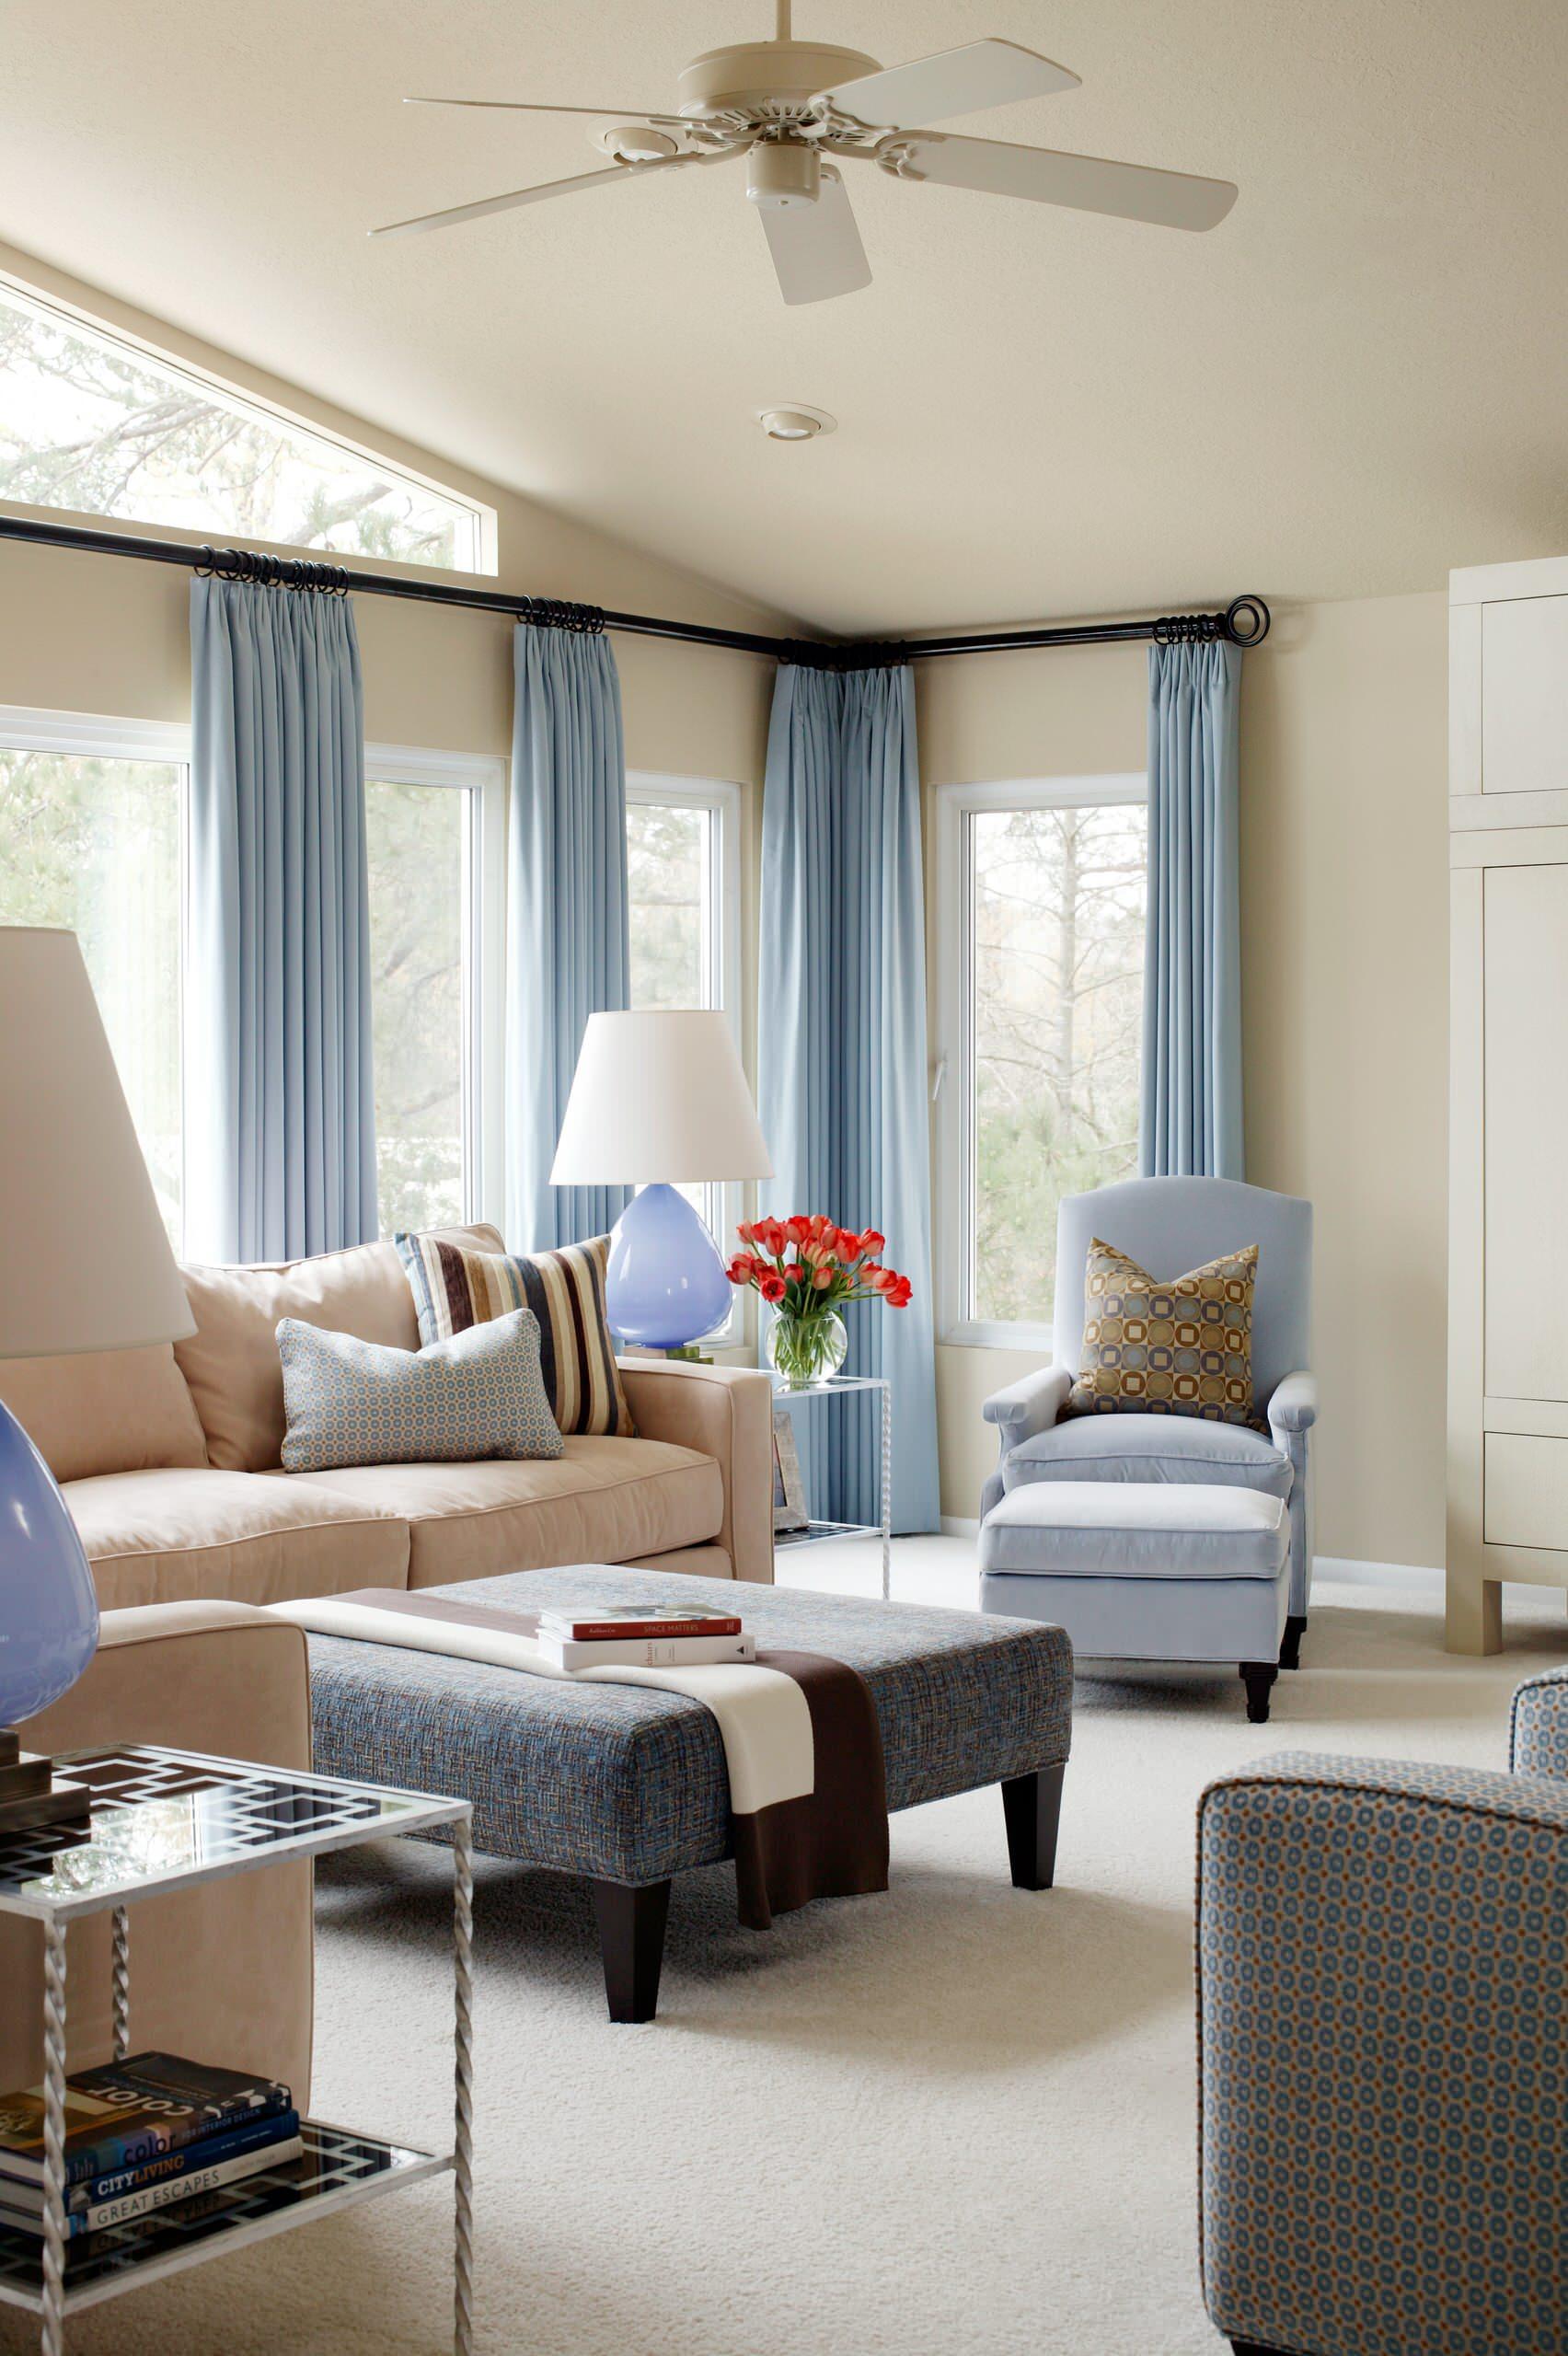 Tan And Blue Living Room Ideas Photos Houzz